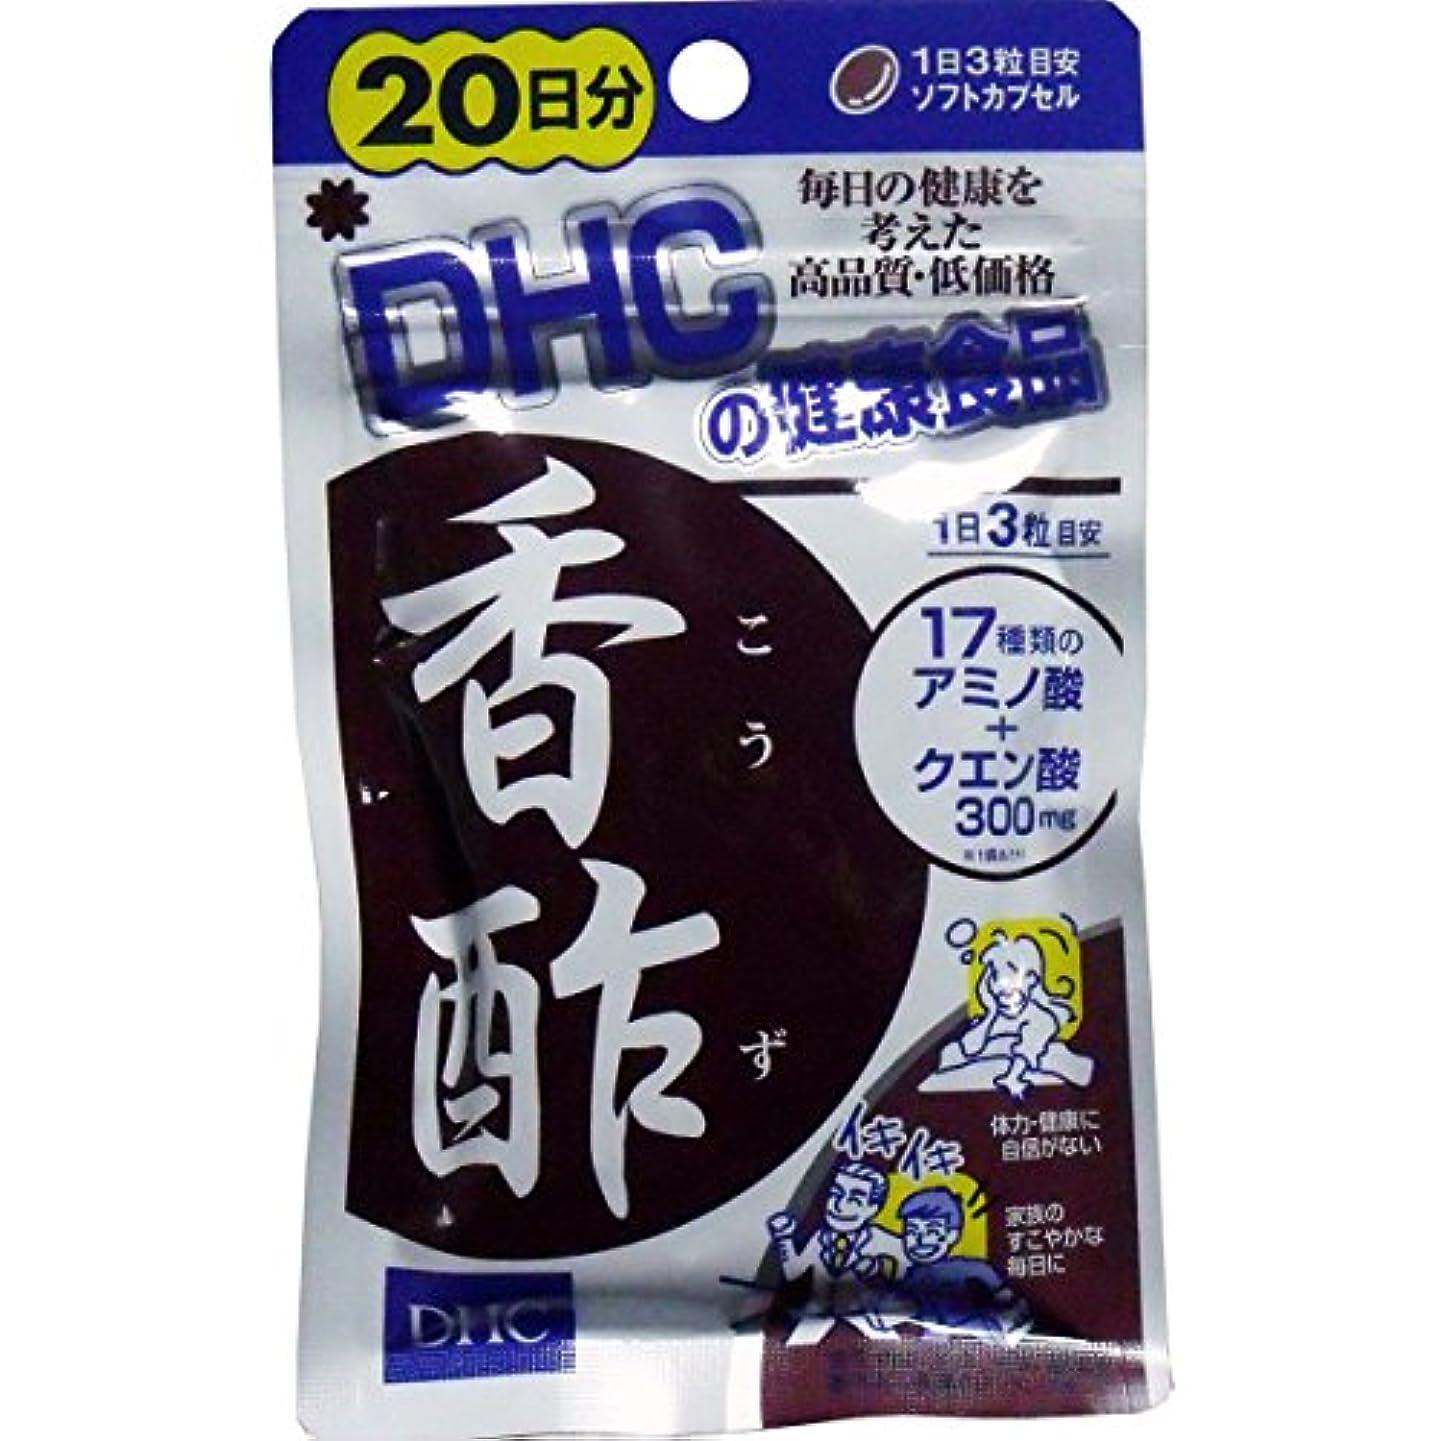 欲しいです乱雑な強いDHC 香酢 20日分 60粒入「2点セット」